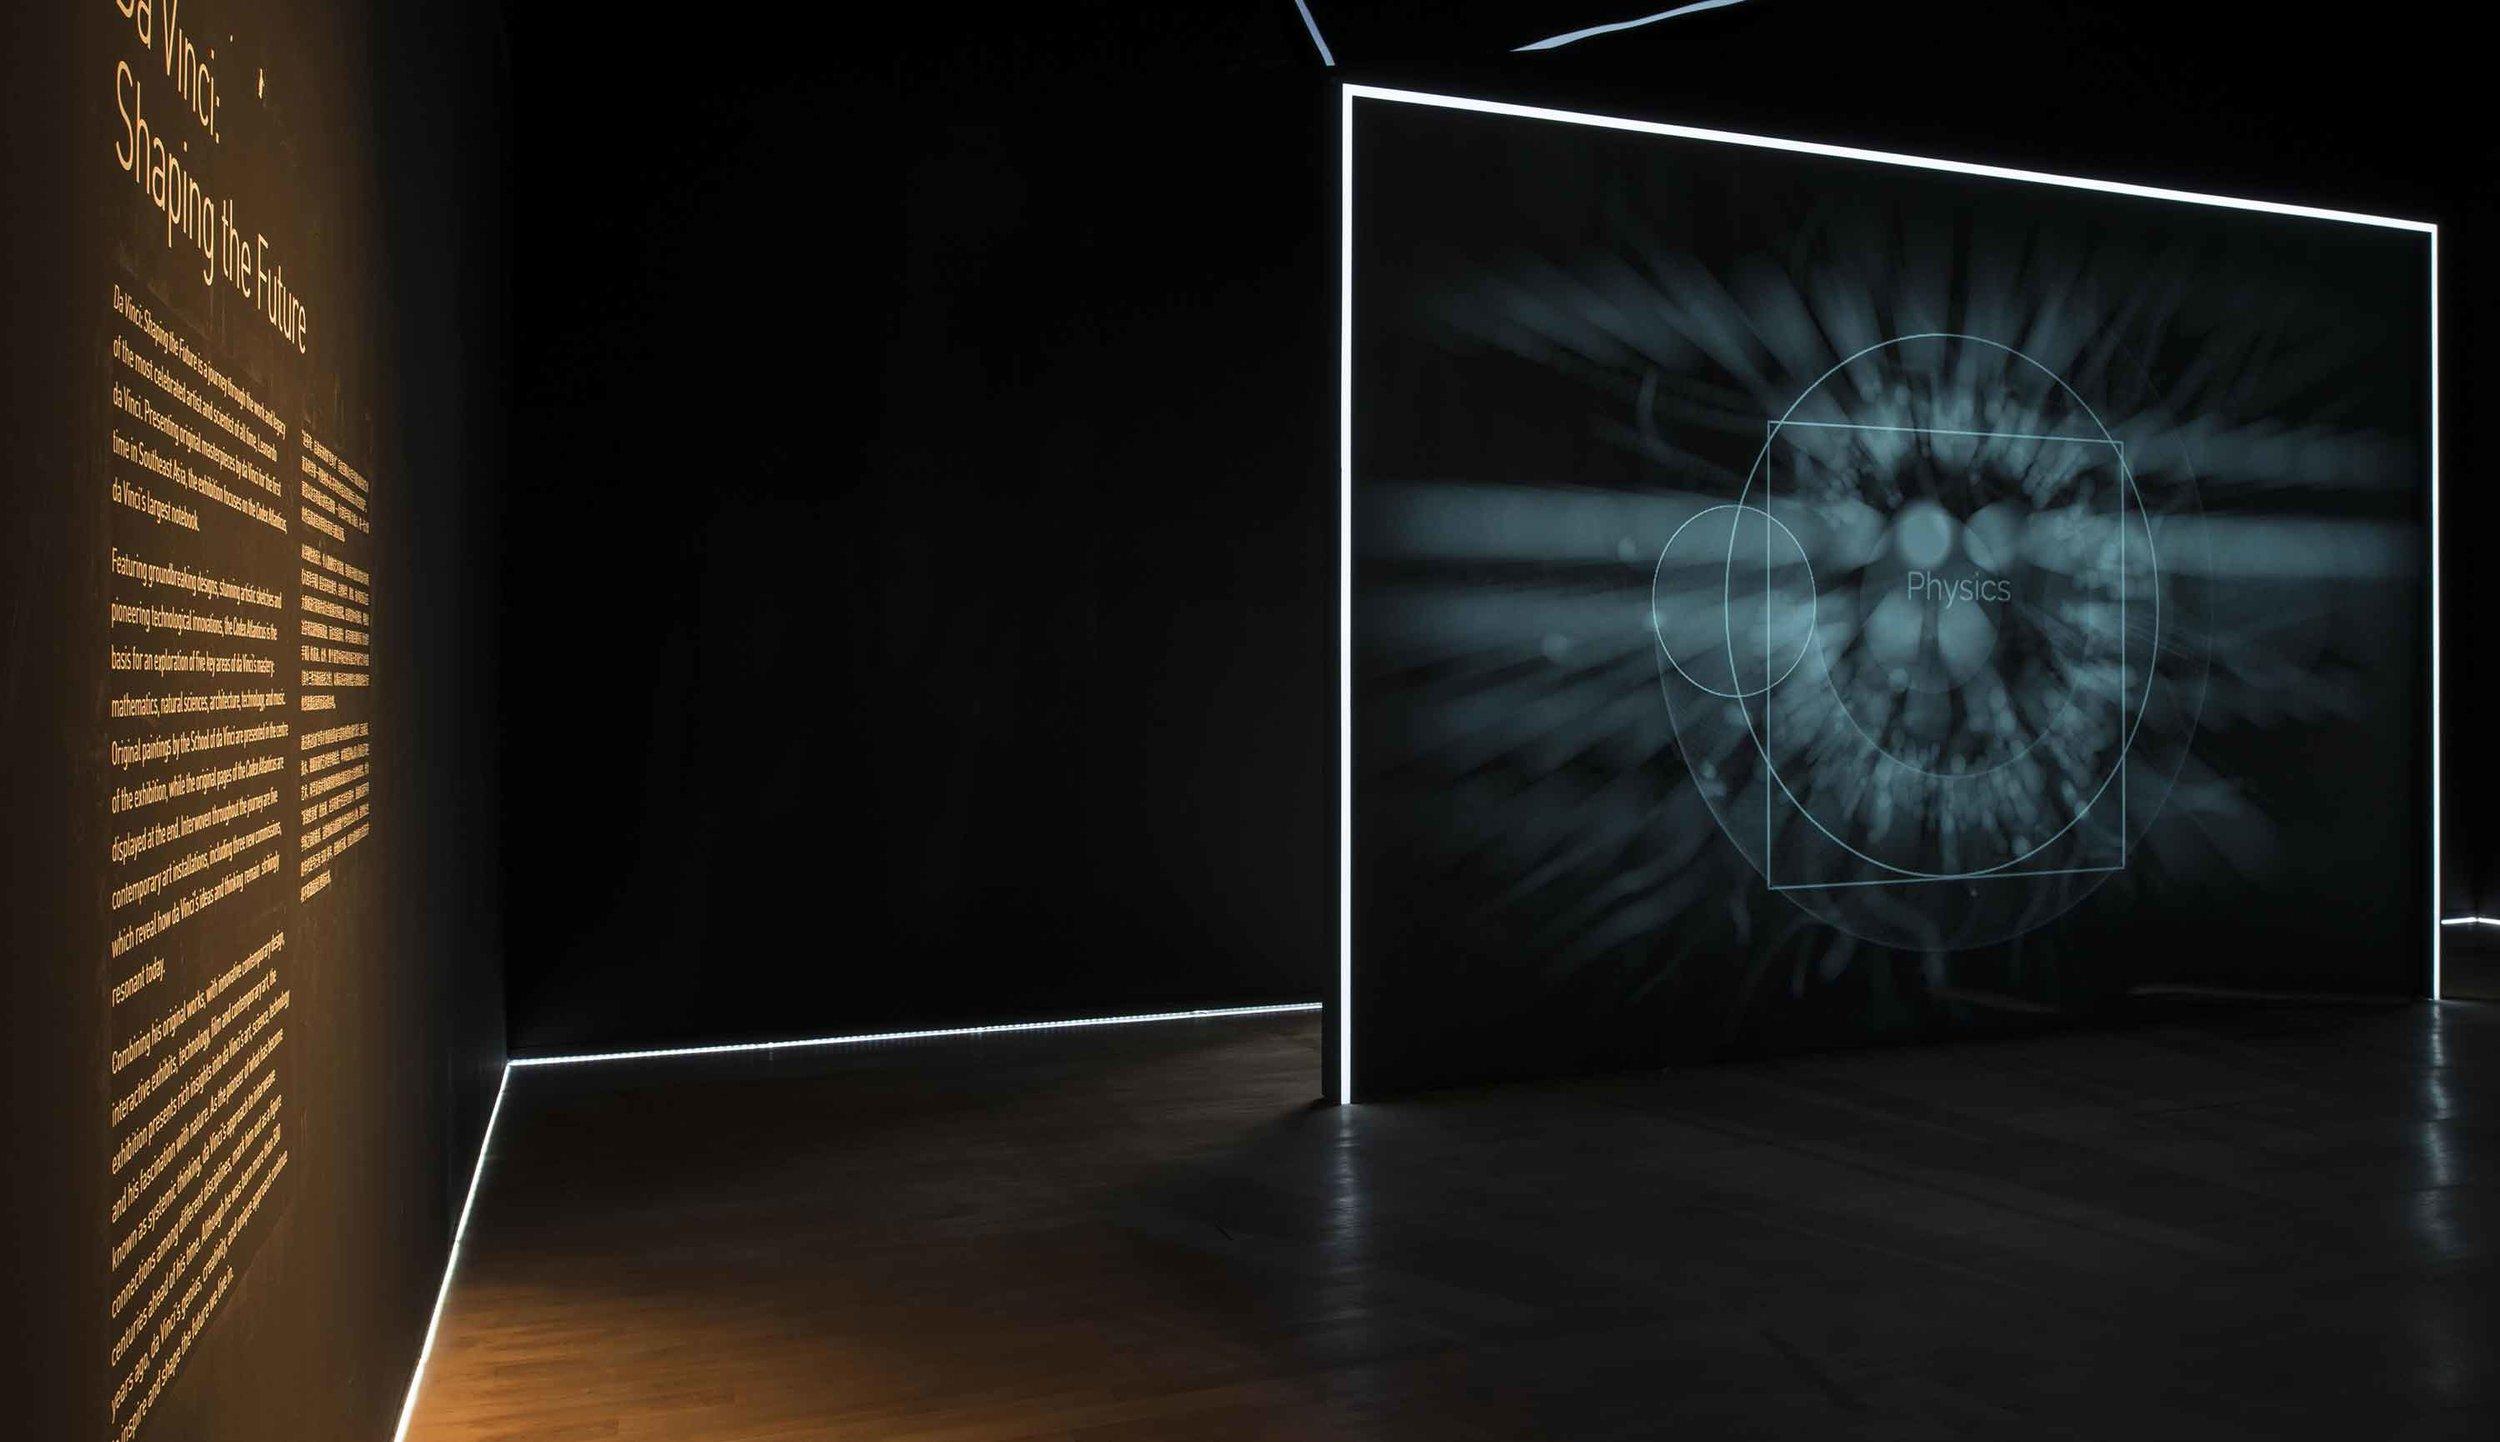 davinci-exhibit-entrance-image-gallery.jpg